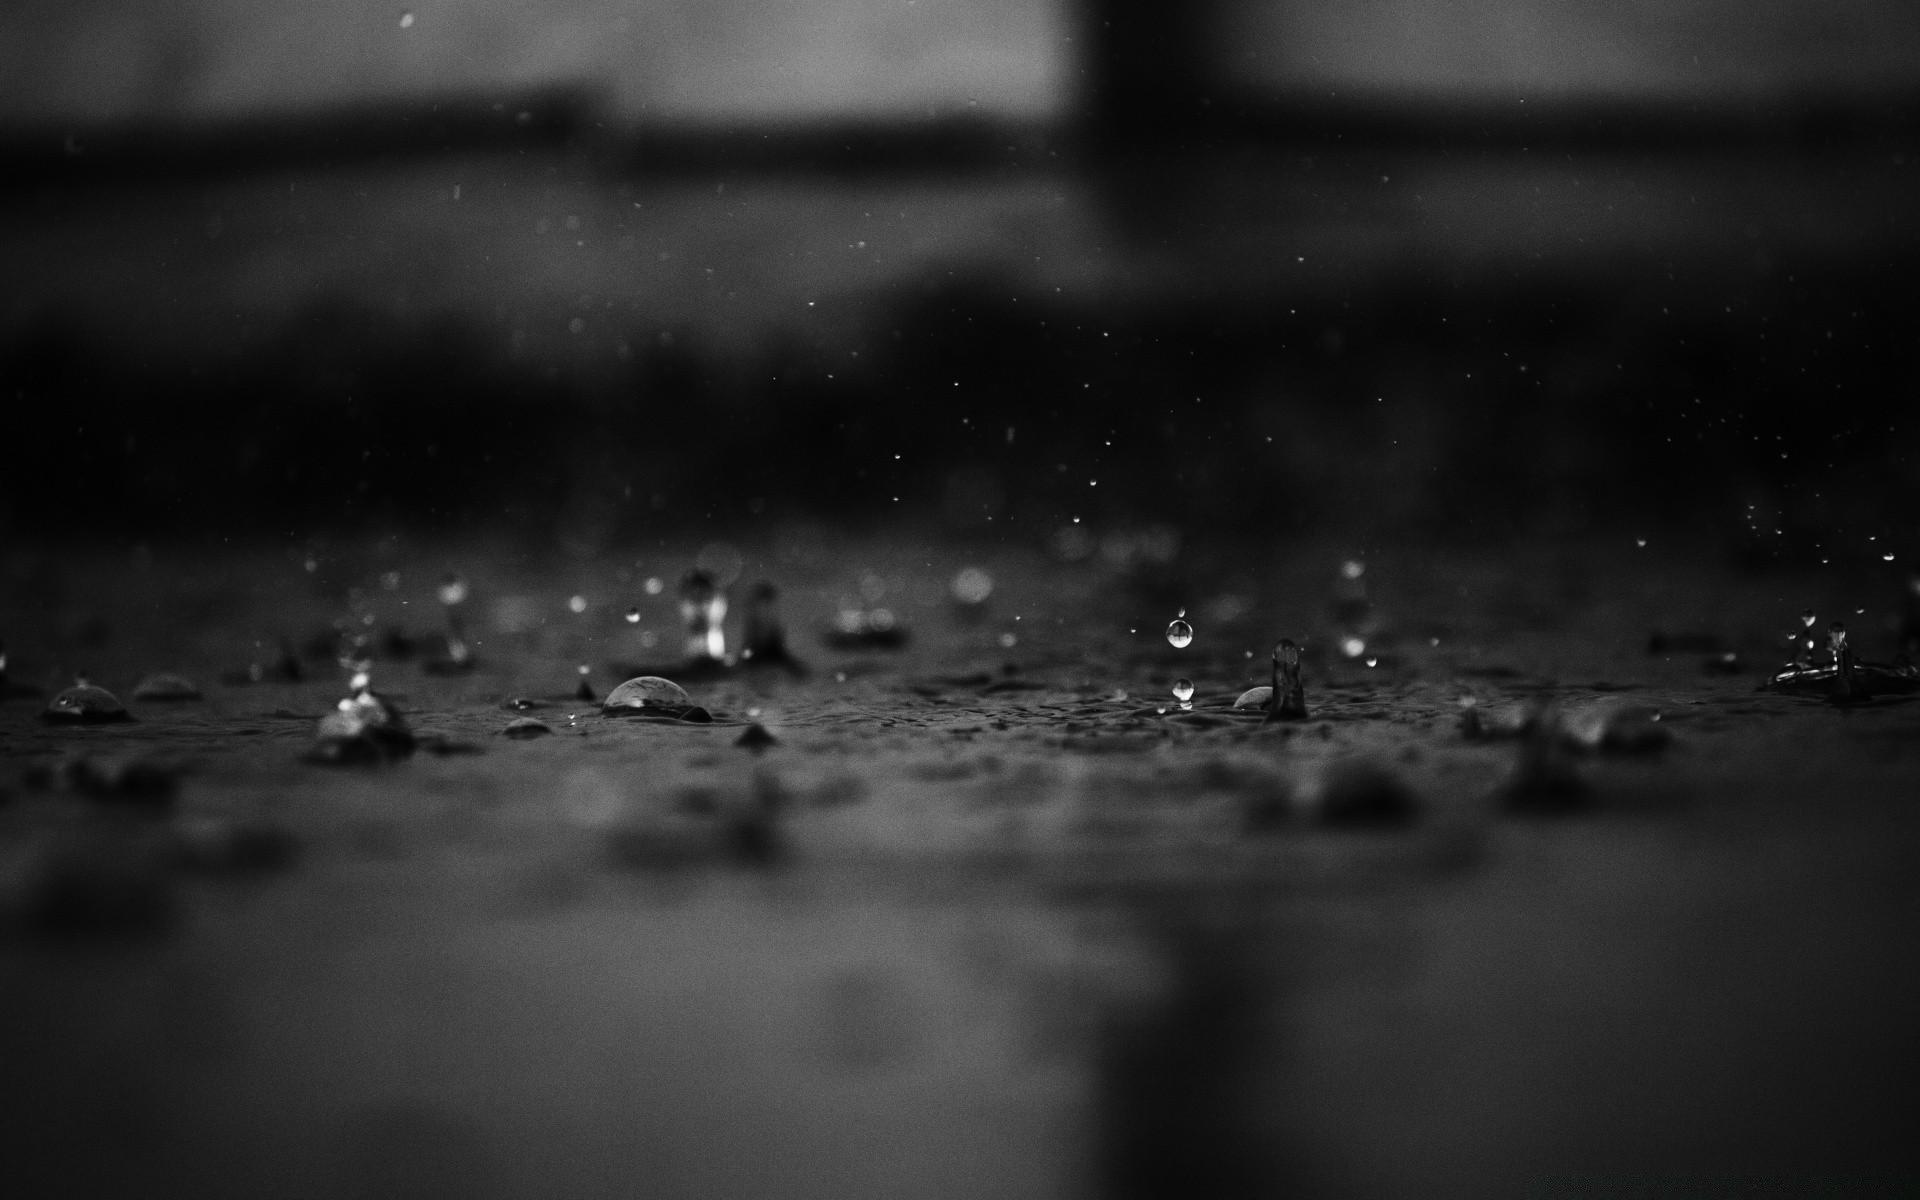 помимо вещей, фото рабочего стола грусть дождь нанесенные